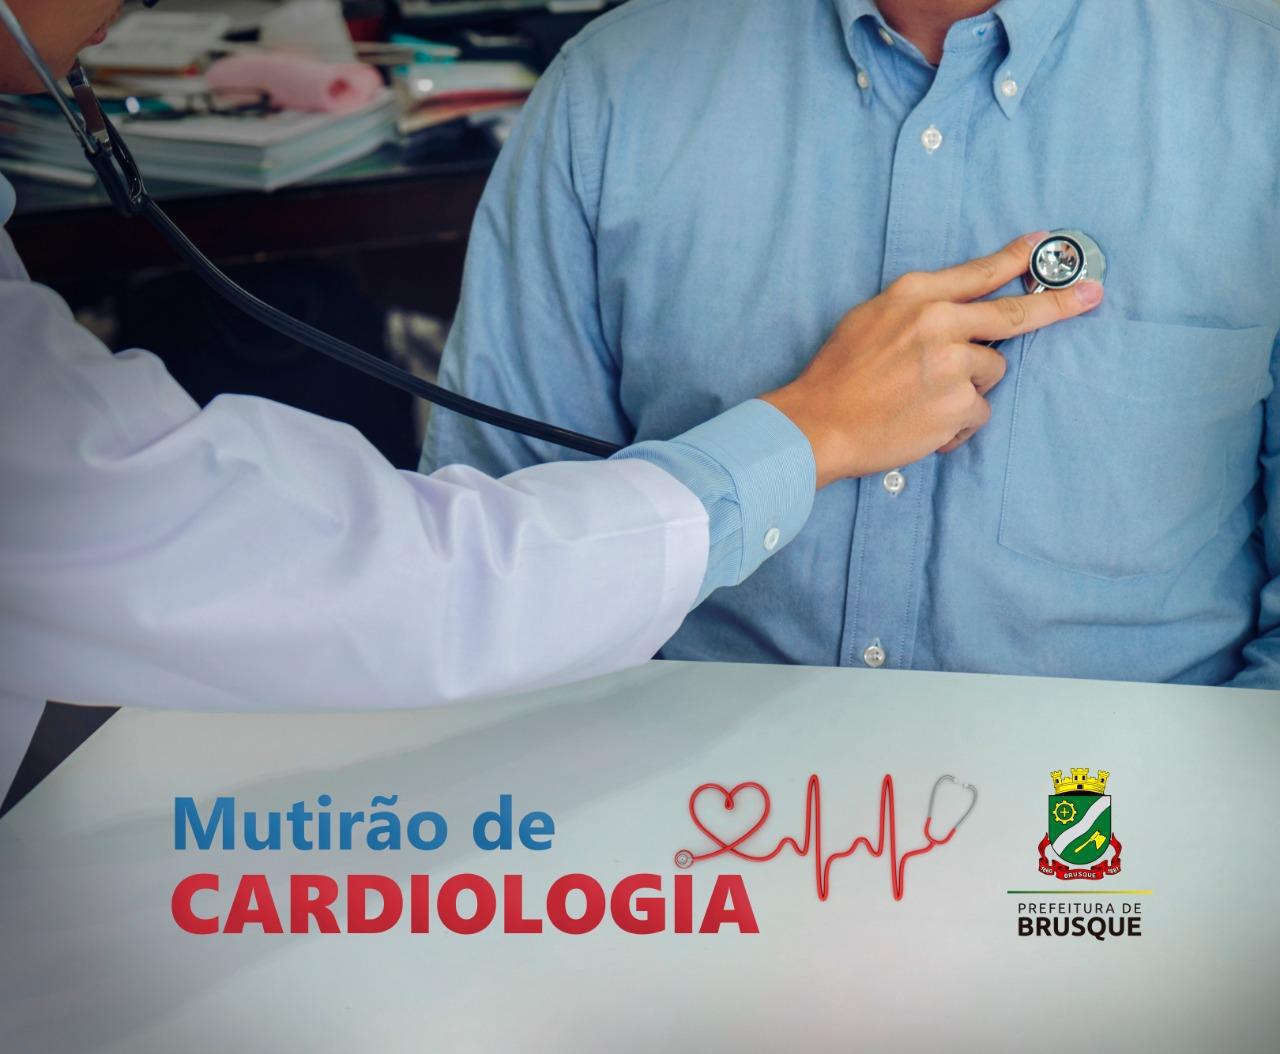 Mutirão vai zerar a demanda atual por consultas de cardiologia em Brusque